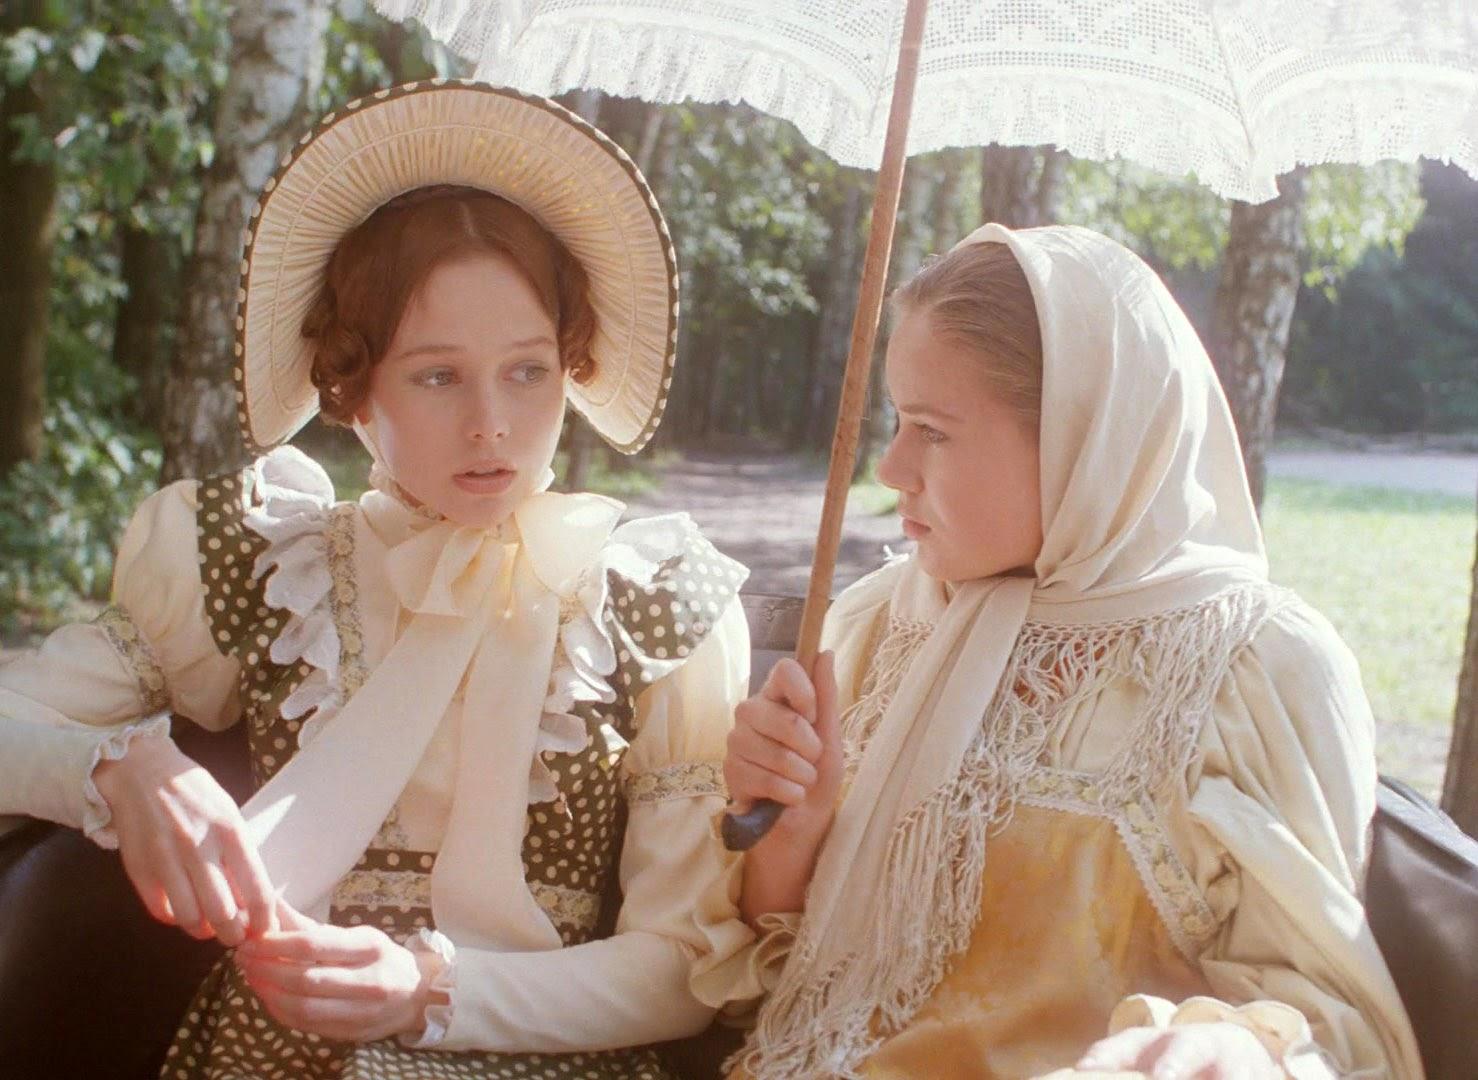 Барышня крестьянка фото из книги